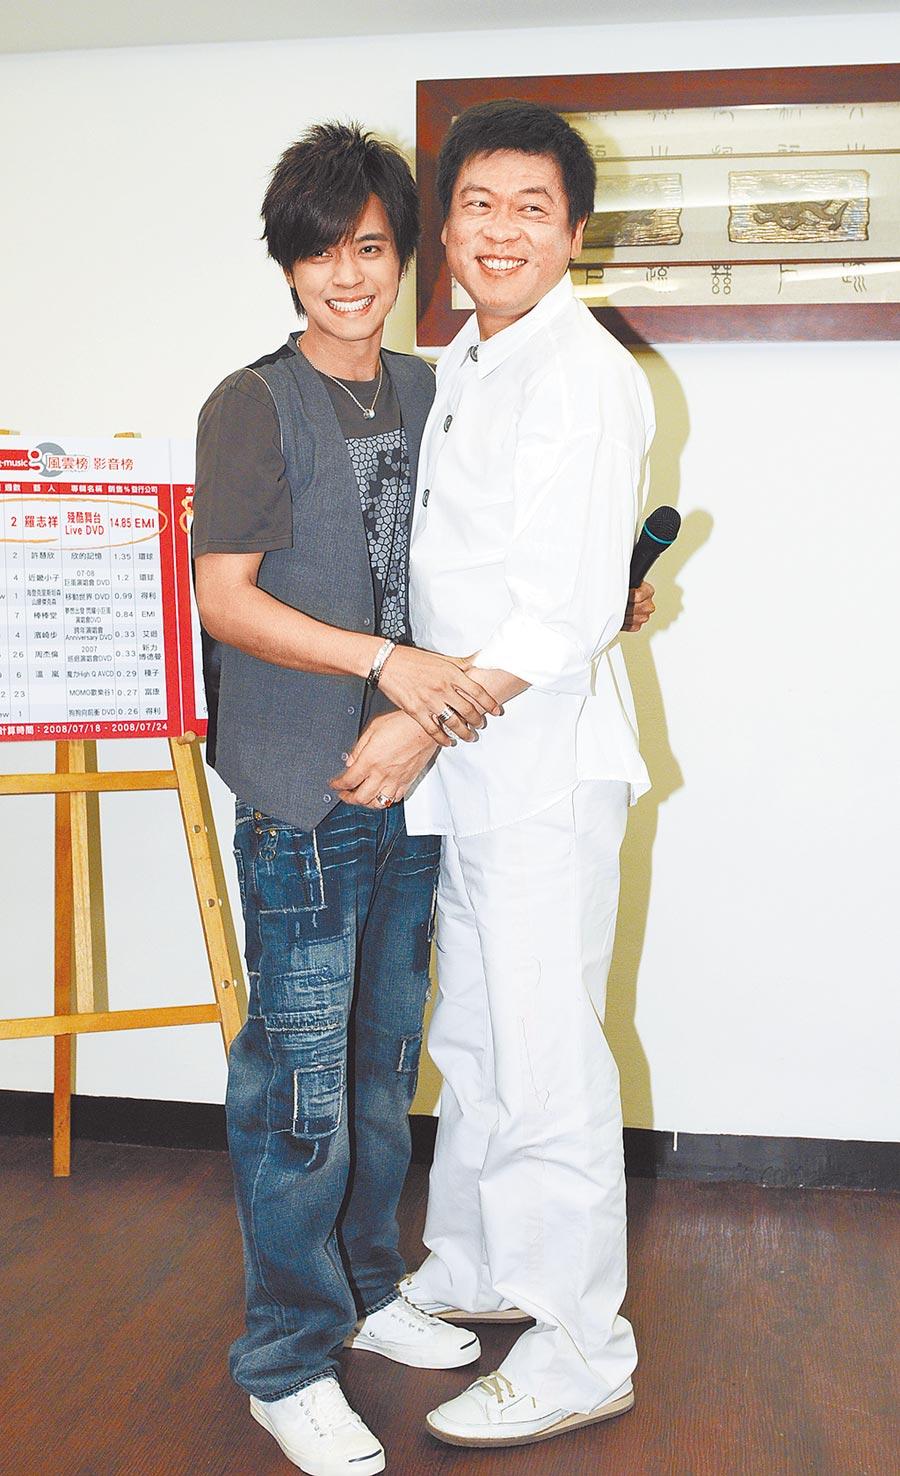 孫德榮(右)與羅志祥2008年曾公開破冰同台,不過孫德榮昨說那是「假和解」。(資料照片)